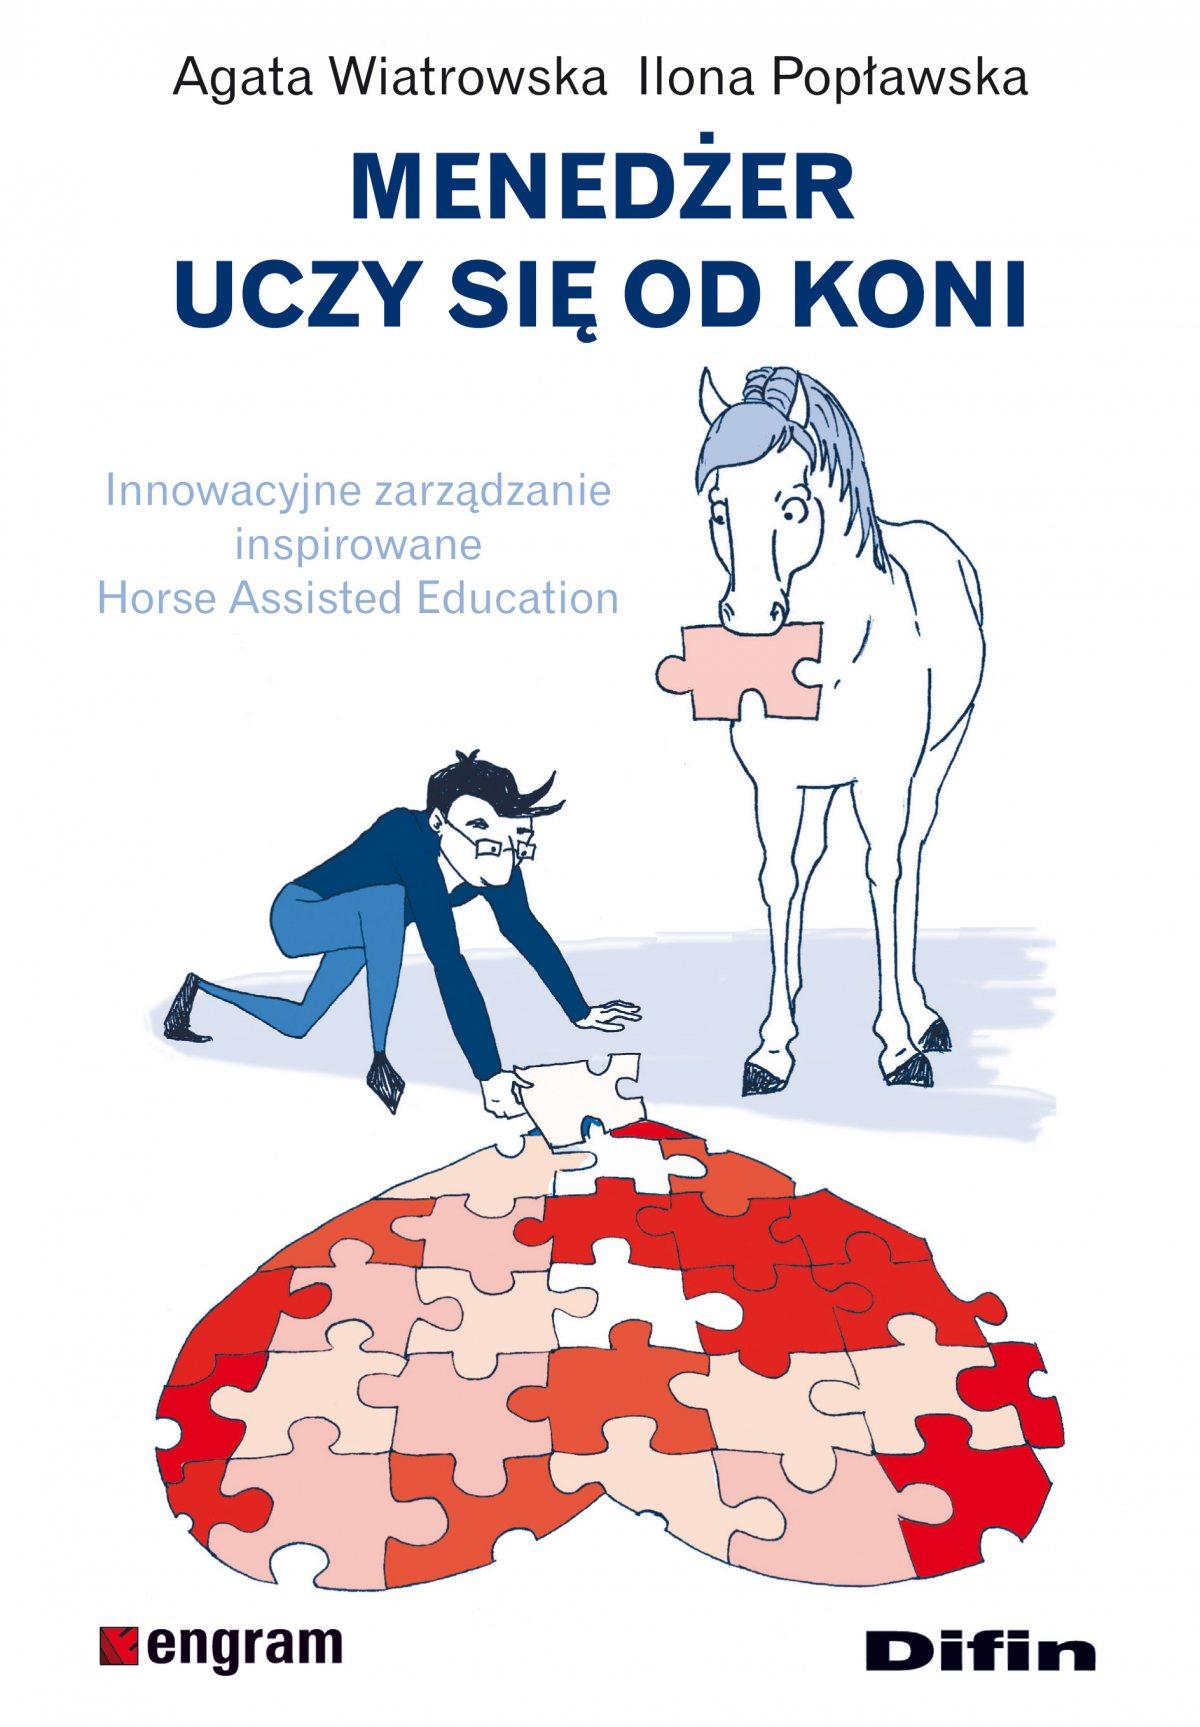 Menedżer uczy się od koni. Innowacyjne zarządzanie inspirowane Horse Assisted Education